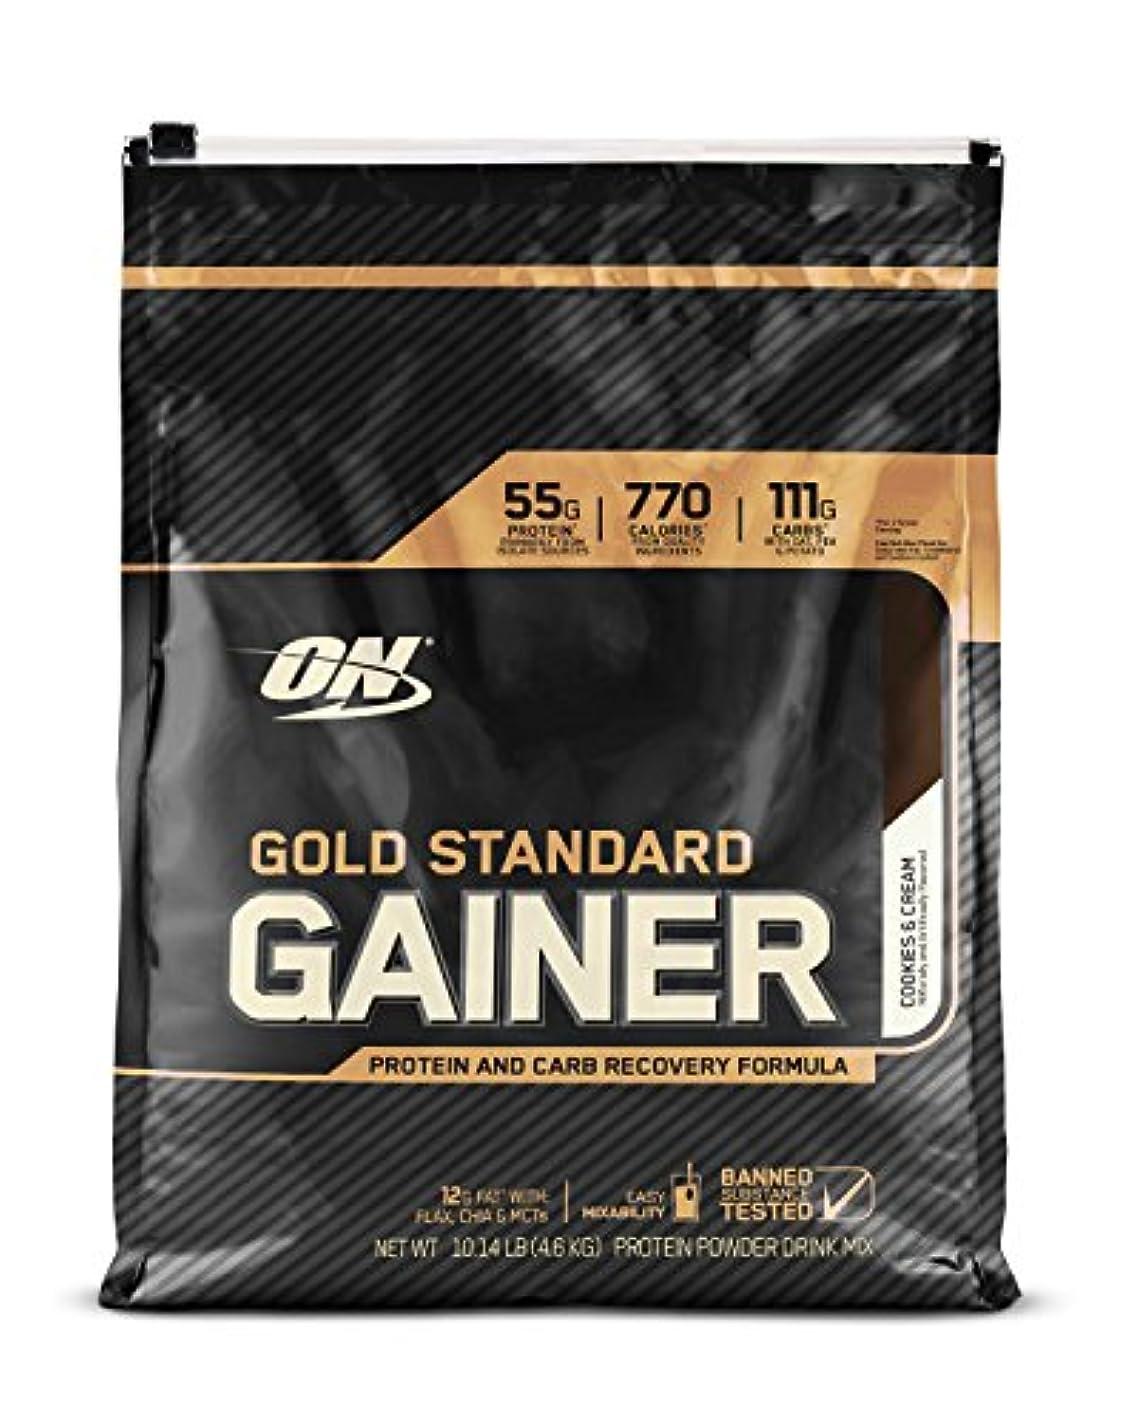 休憩ジェム衝突するゴールドスタンダード ゲイナー 10LB クッキークリーム (Gold Standard Gainer 10LB Cookies & Cream) [海外直送品] [並行輸入品]